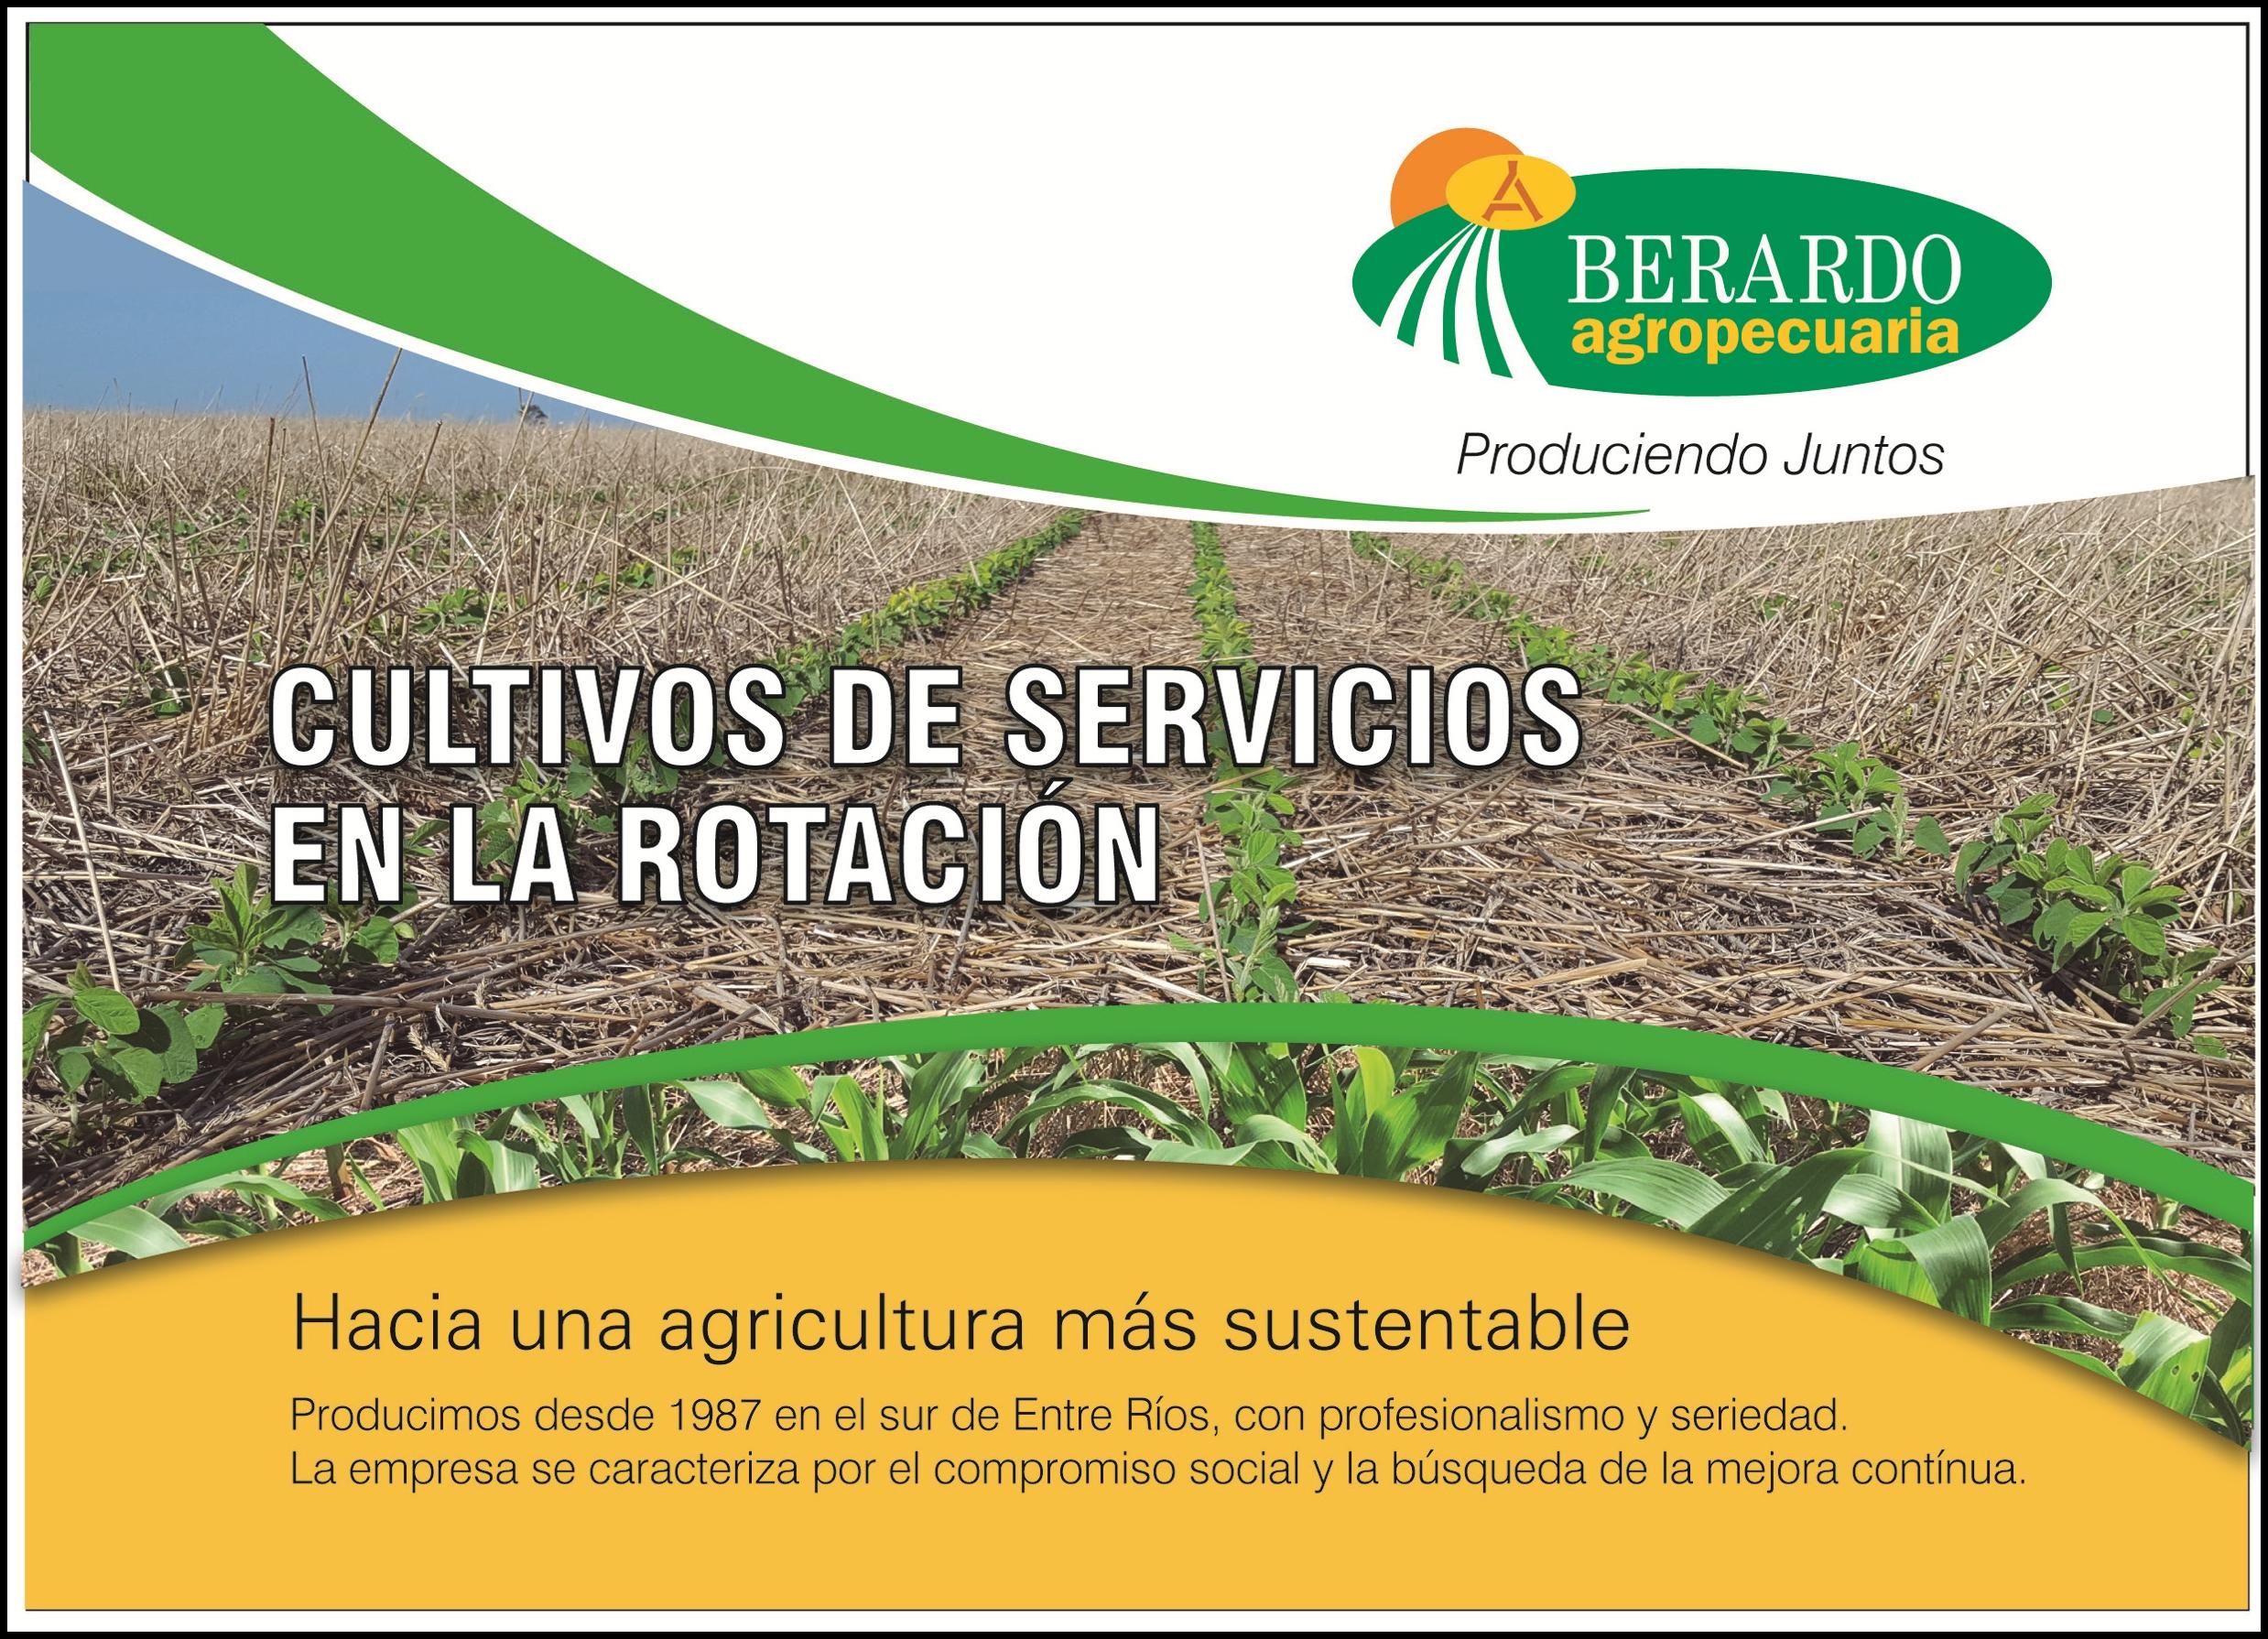 Cultivos De Servicios: Hacia Una Agricultura Más Sustentable